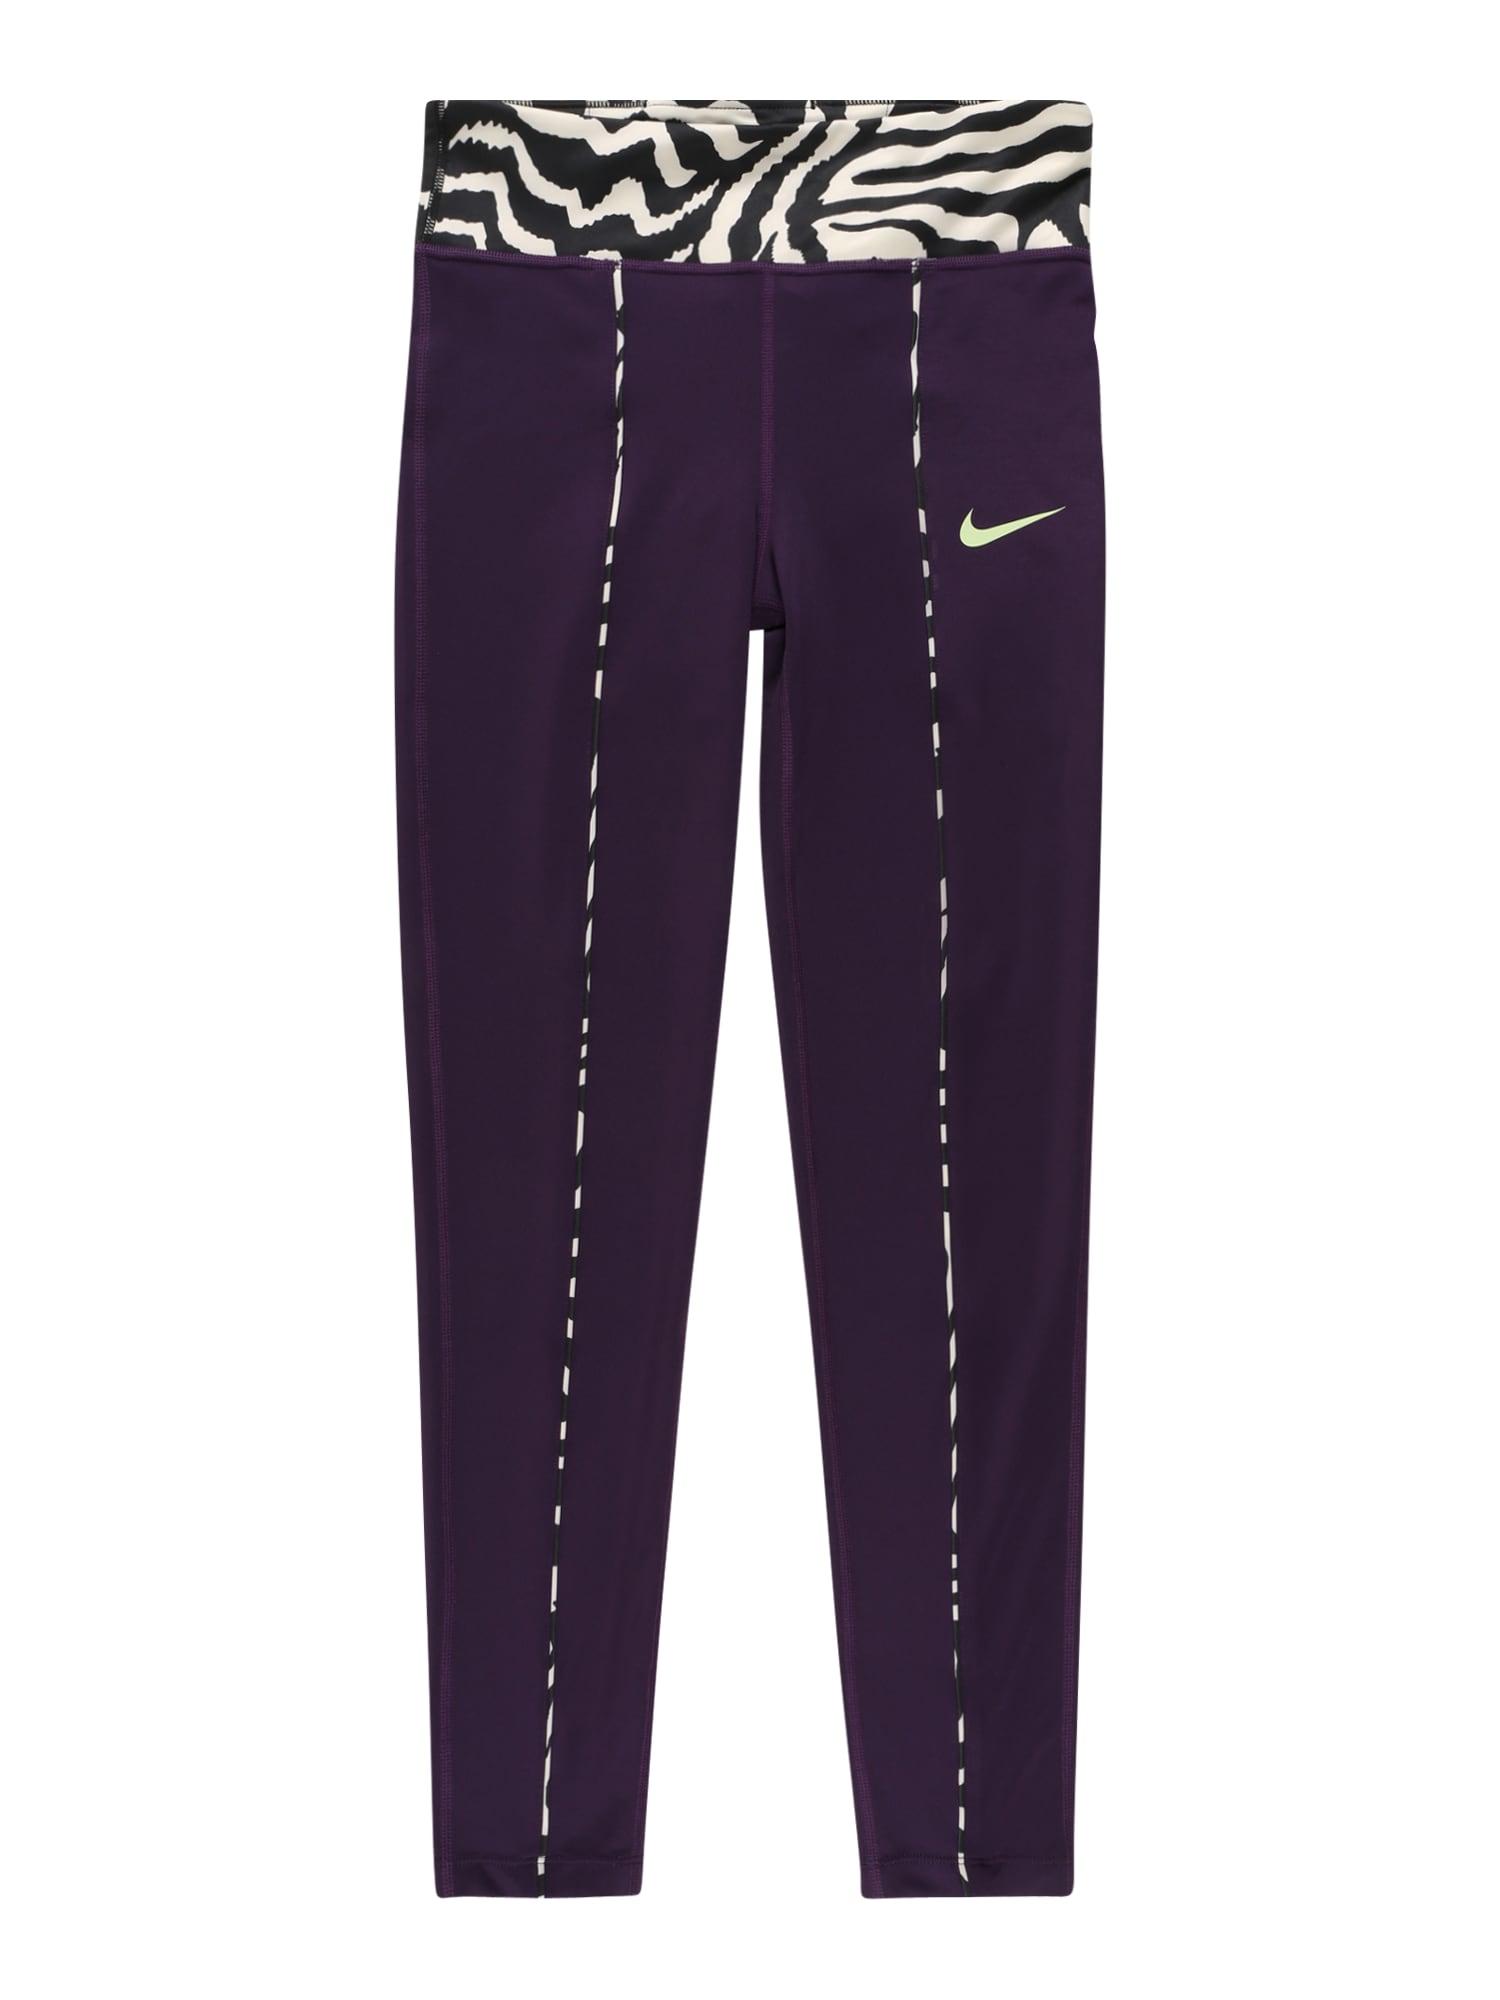 NIKE Sportinės kelnės 'One' tamsiai violetinė / balta / juoda / pastelinė žalia